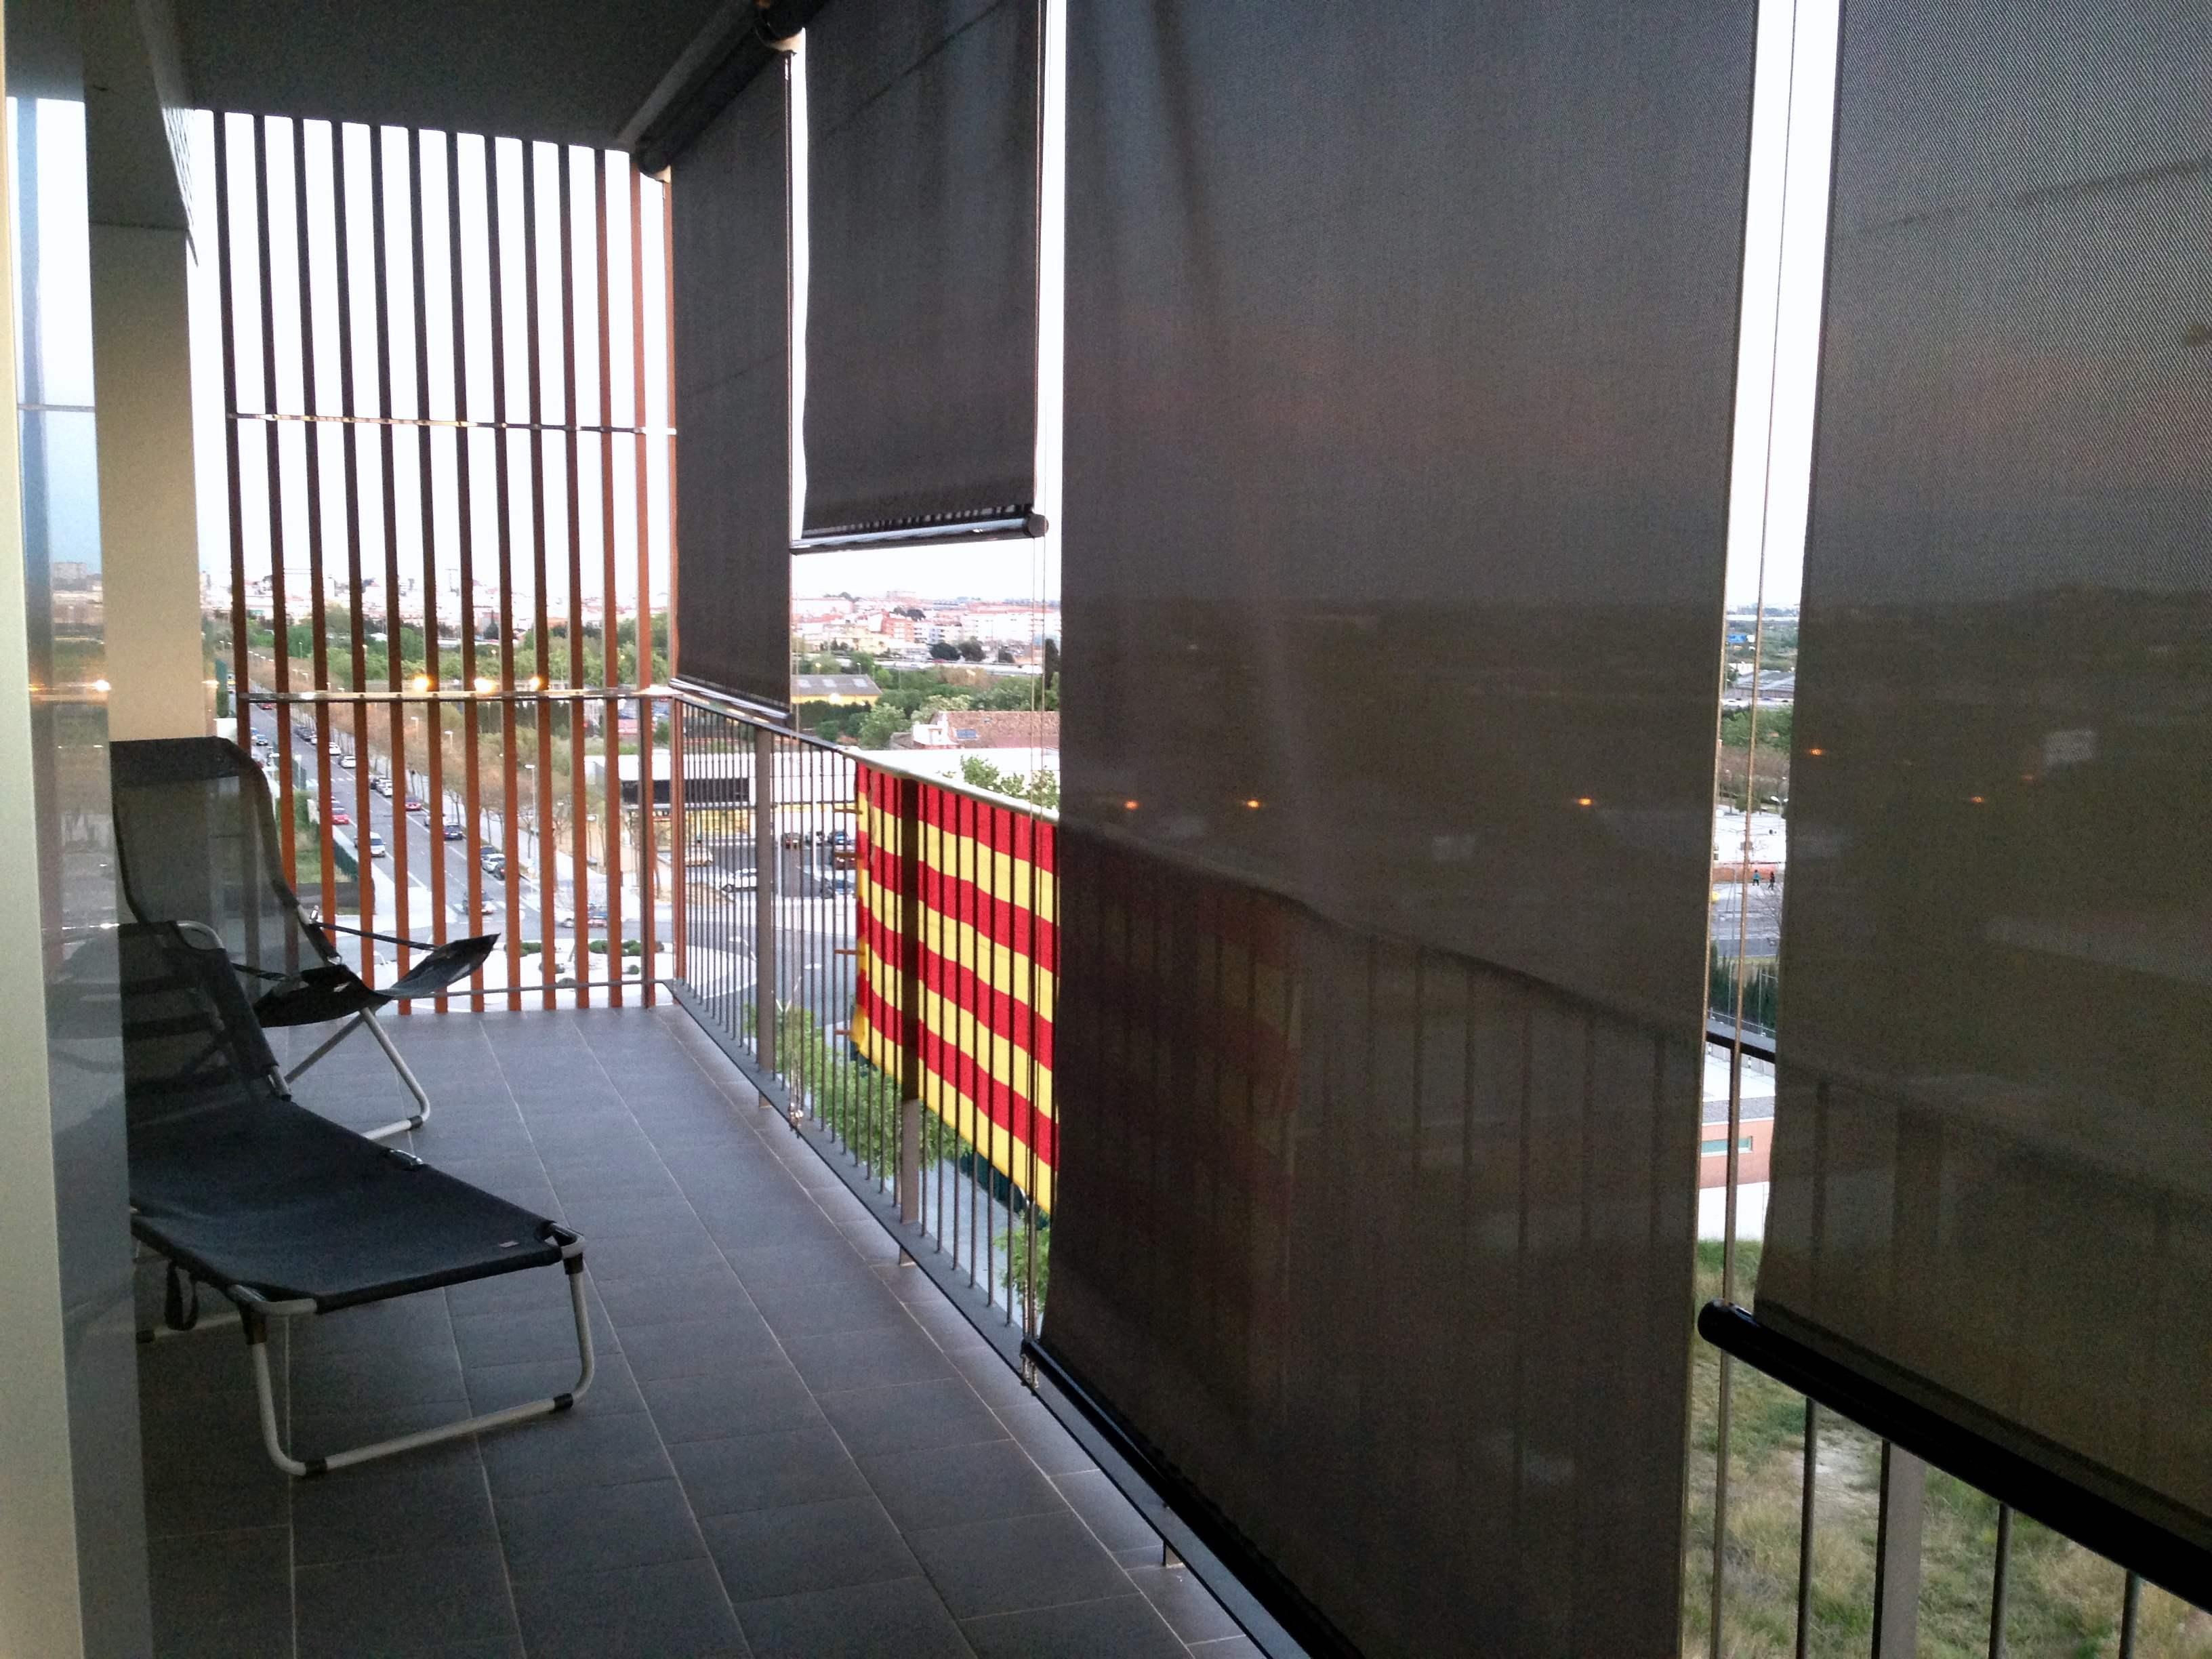 Balc n con celos a y toldo 377 filt3rs - Persianas para balcones ...